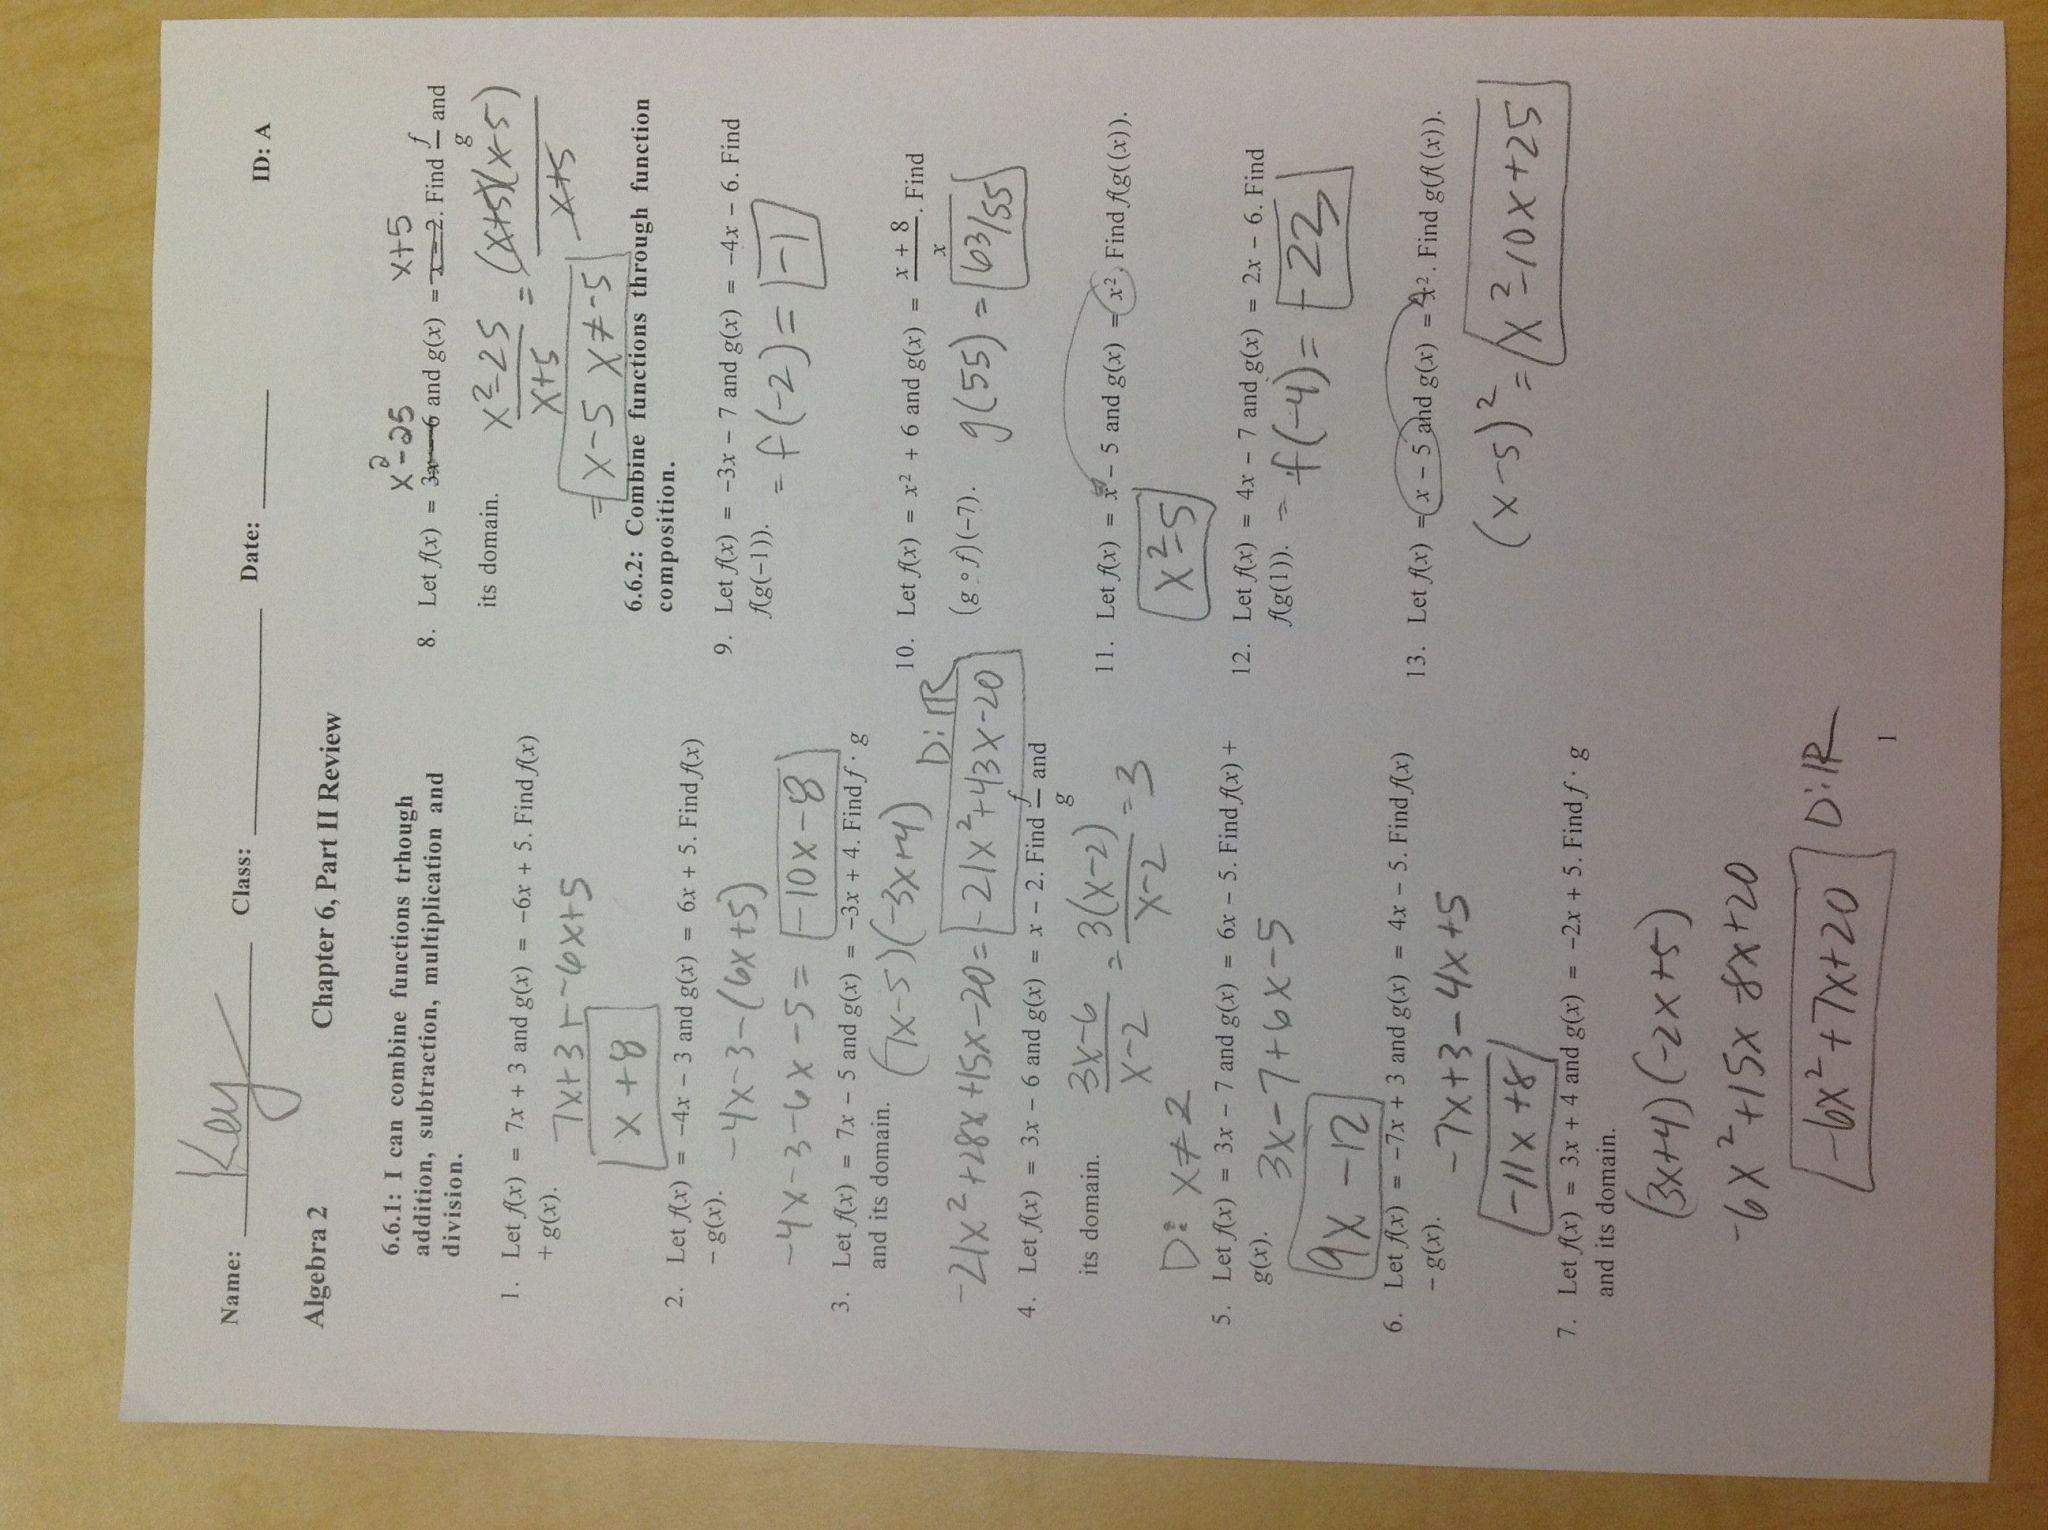 Algebra 2 Review Worksheet